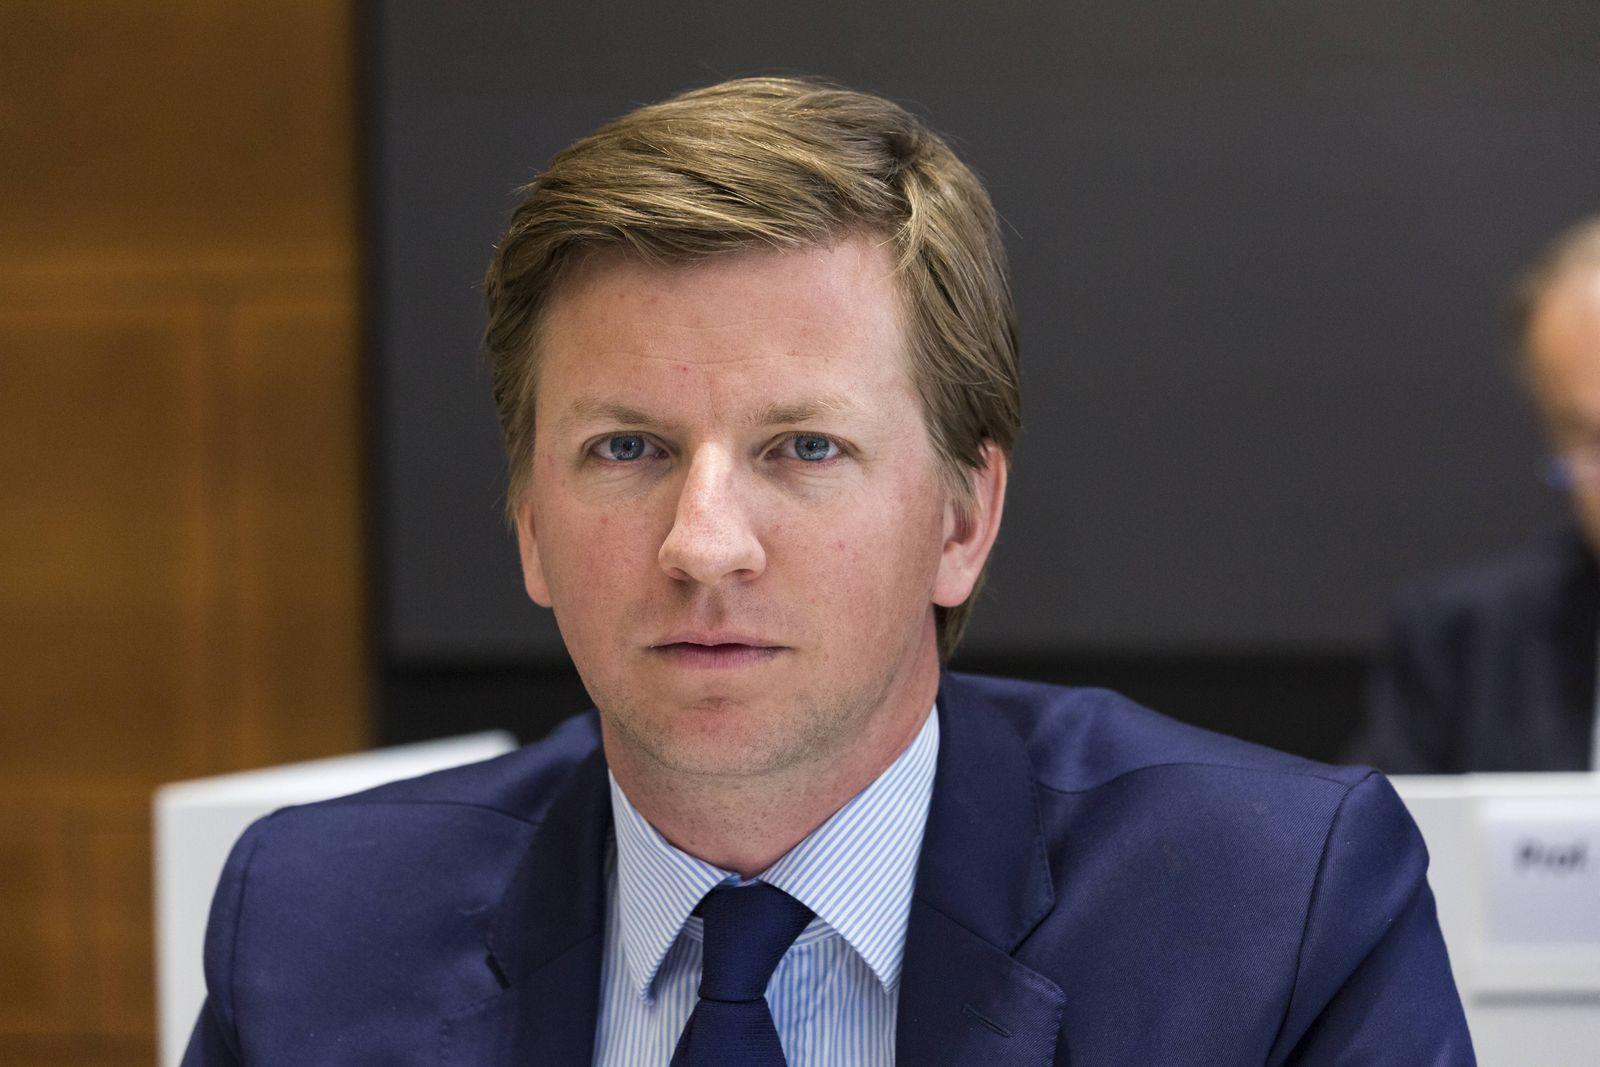 Alexander Kudlich Vorstandsmitglied auf der Hauptversammlung der Rocket Internet SE am 08 06 2018